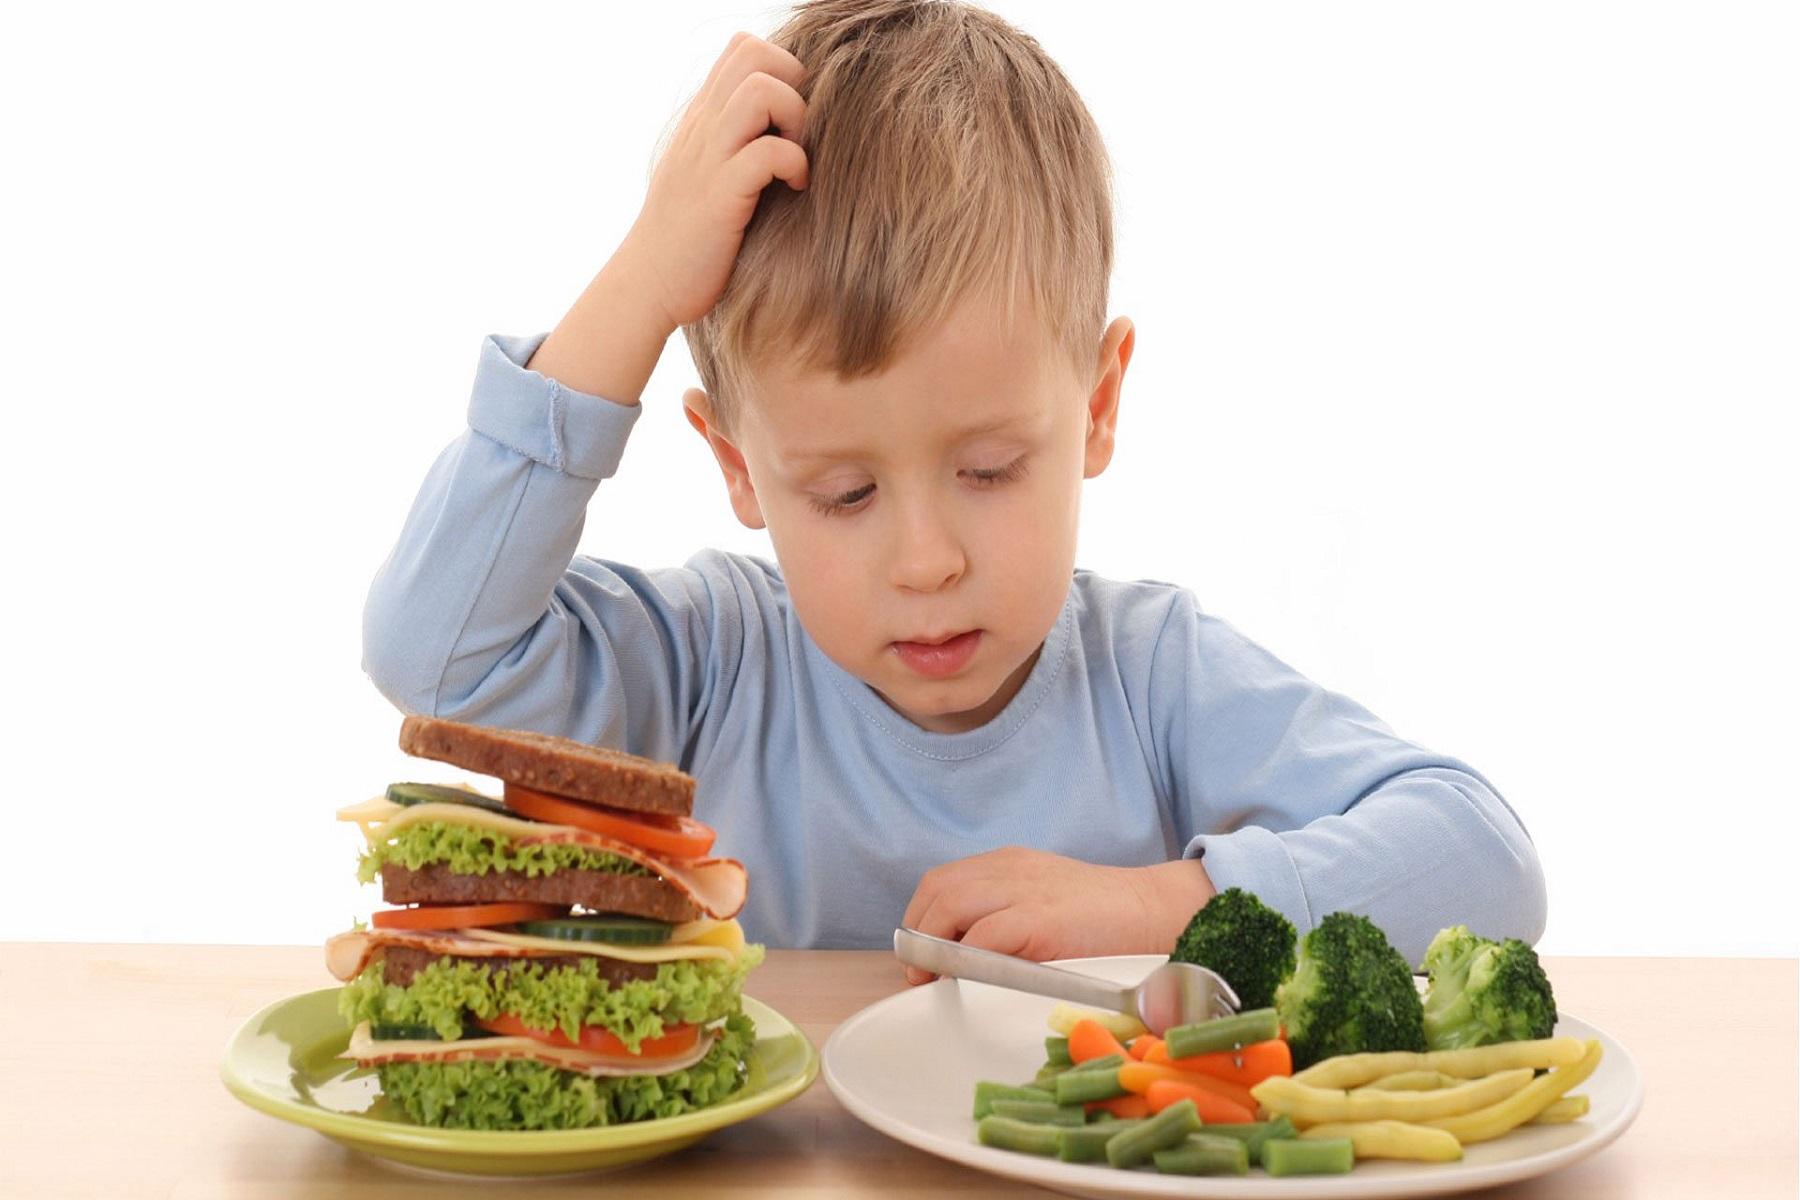 Υπερτροφές Παιδιά: Προτάσεις για διατροφικό μενού γρήγορης και σημαντικής ανάπτυξής τους